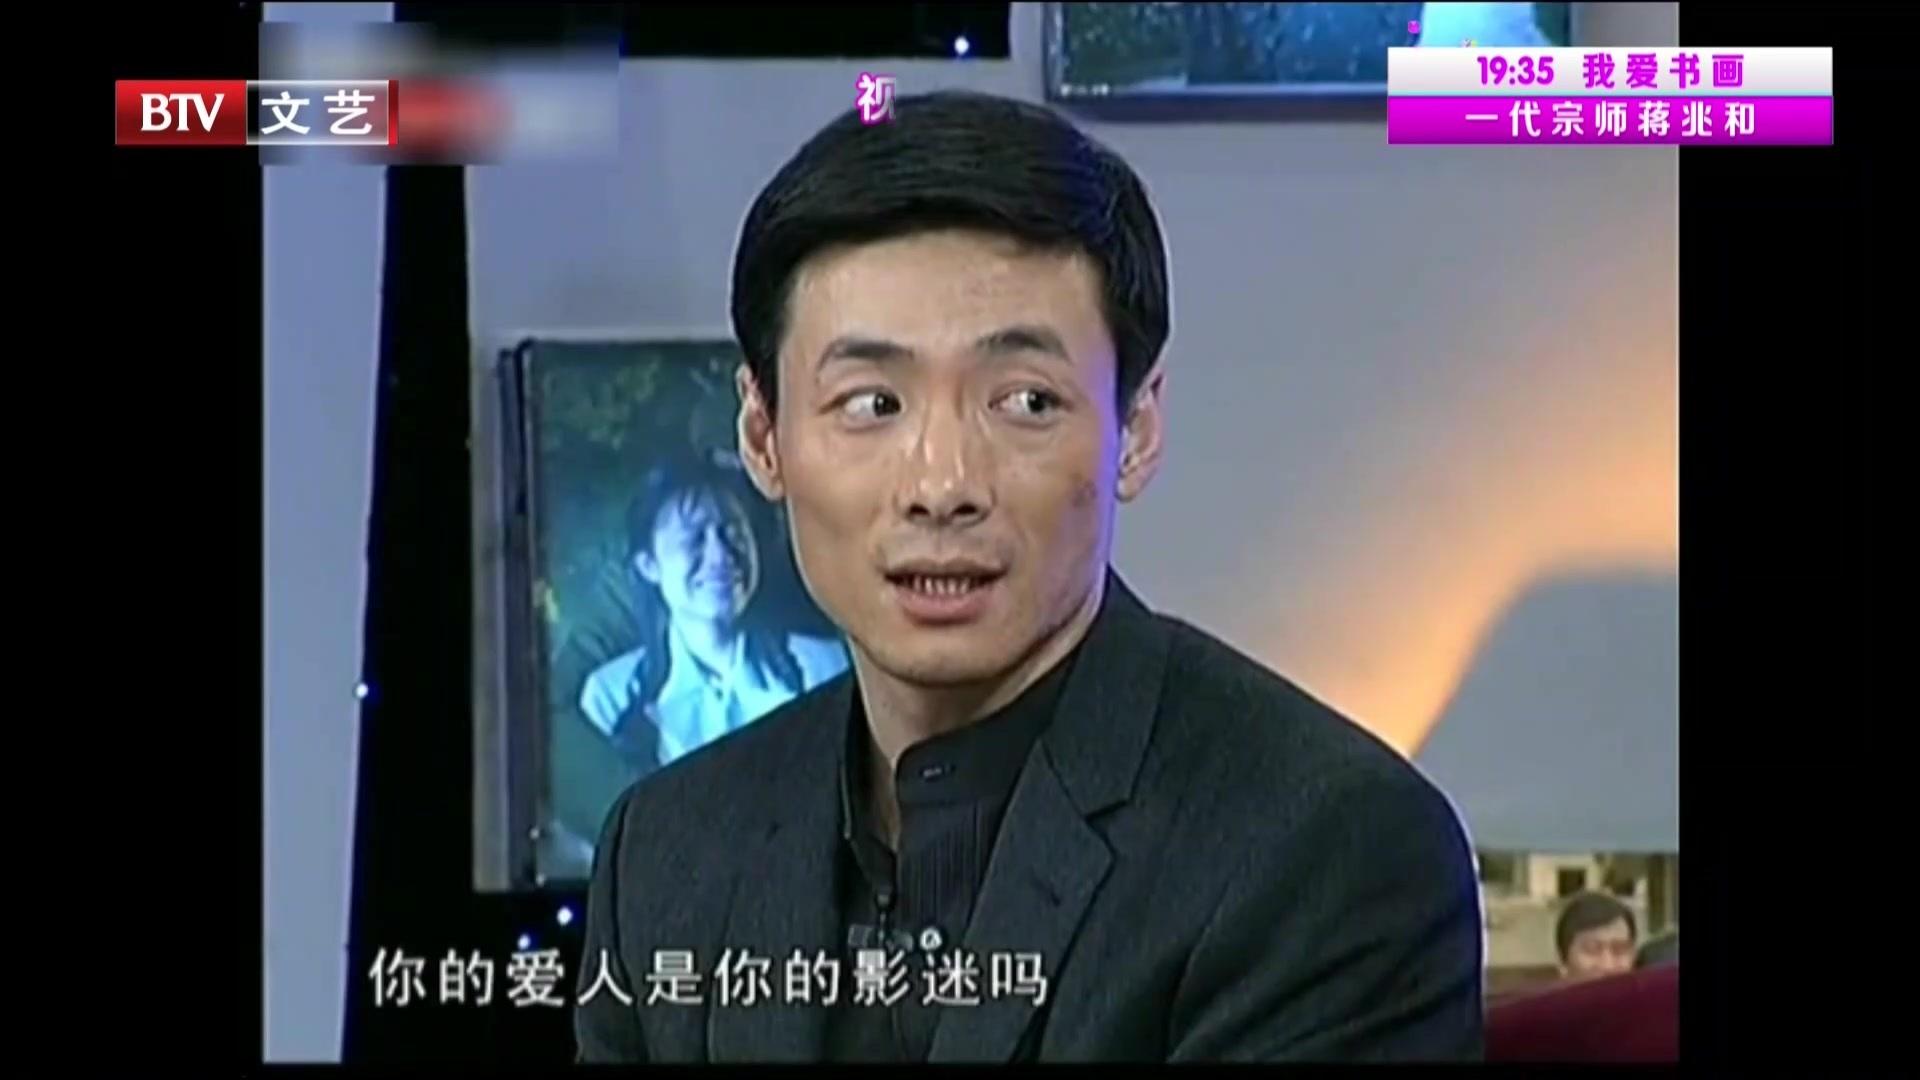 刘天池 如何评价祖峰演技?